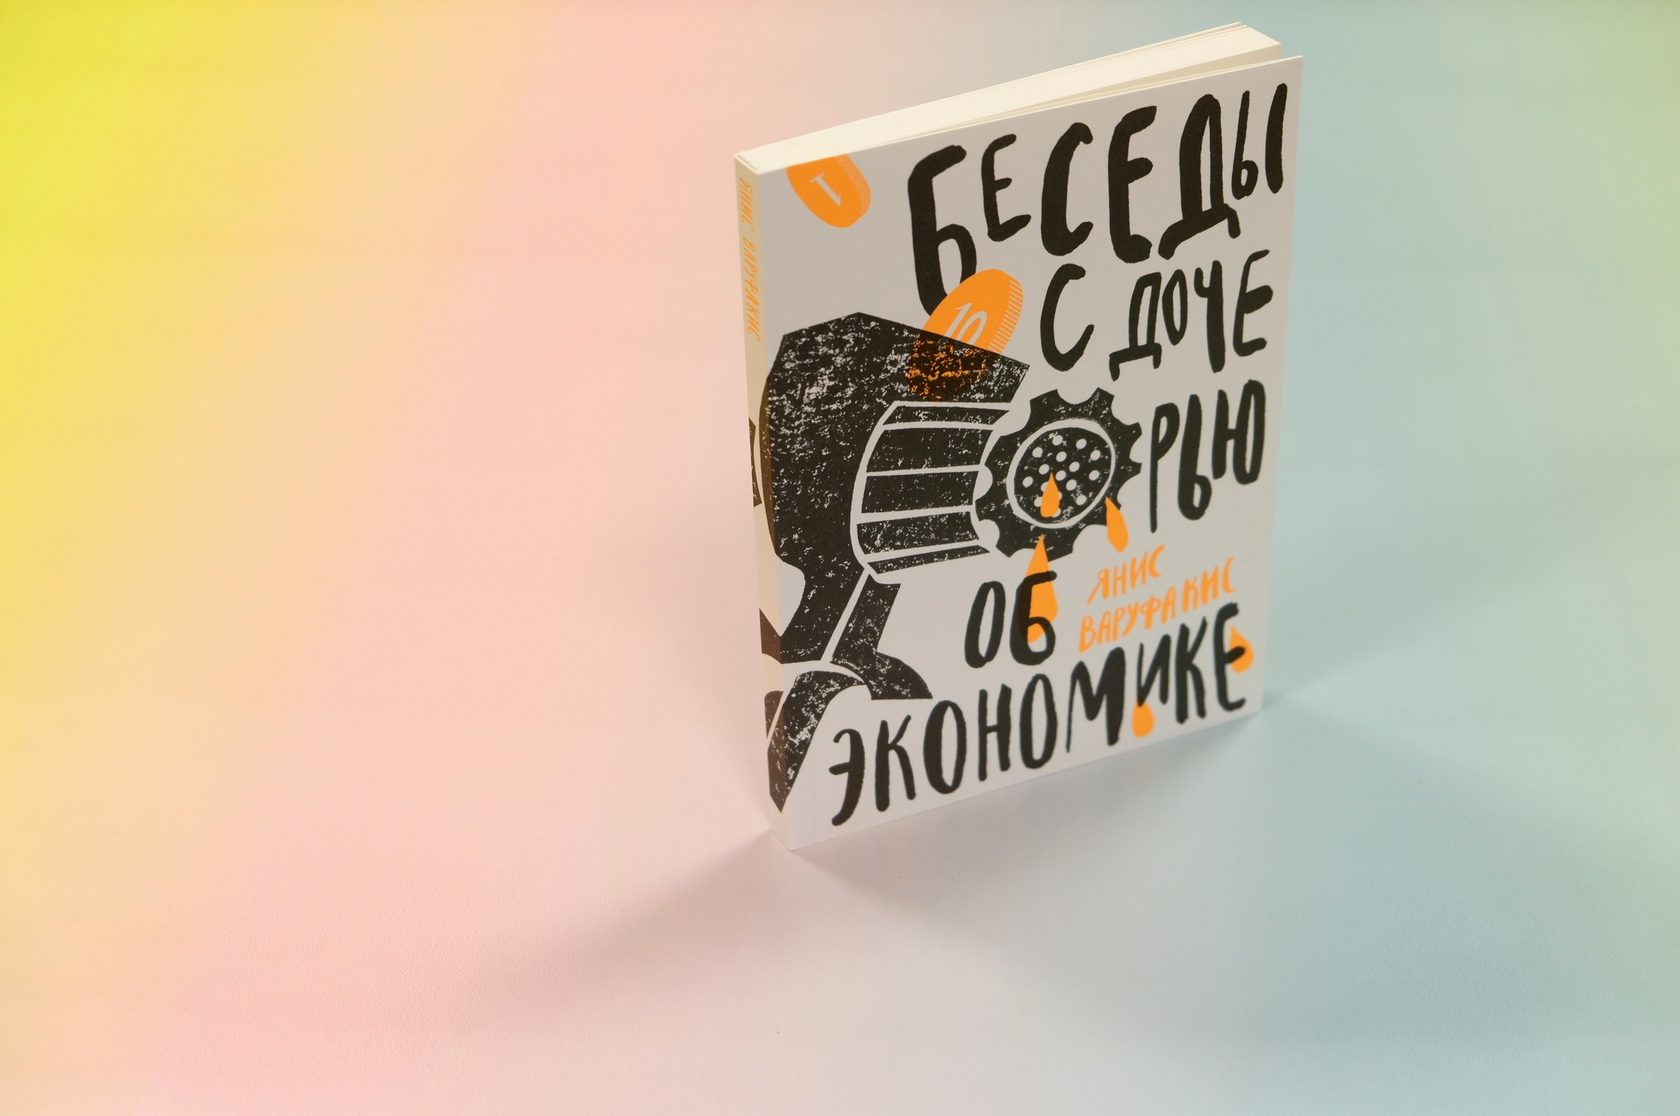 Янис Варуфакис «Беседы с дочерью об экономике»